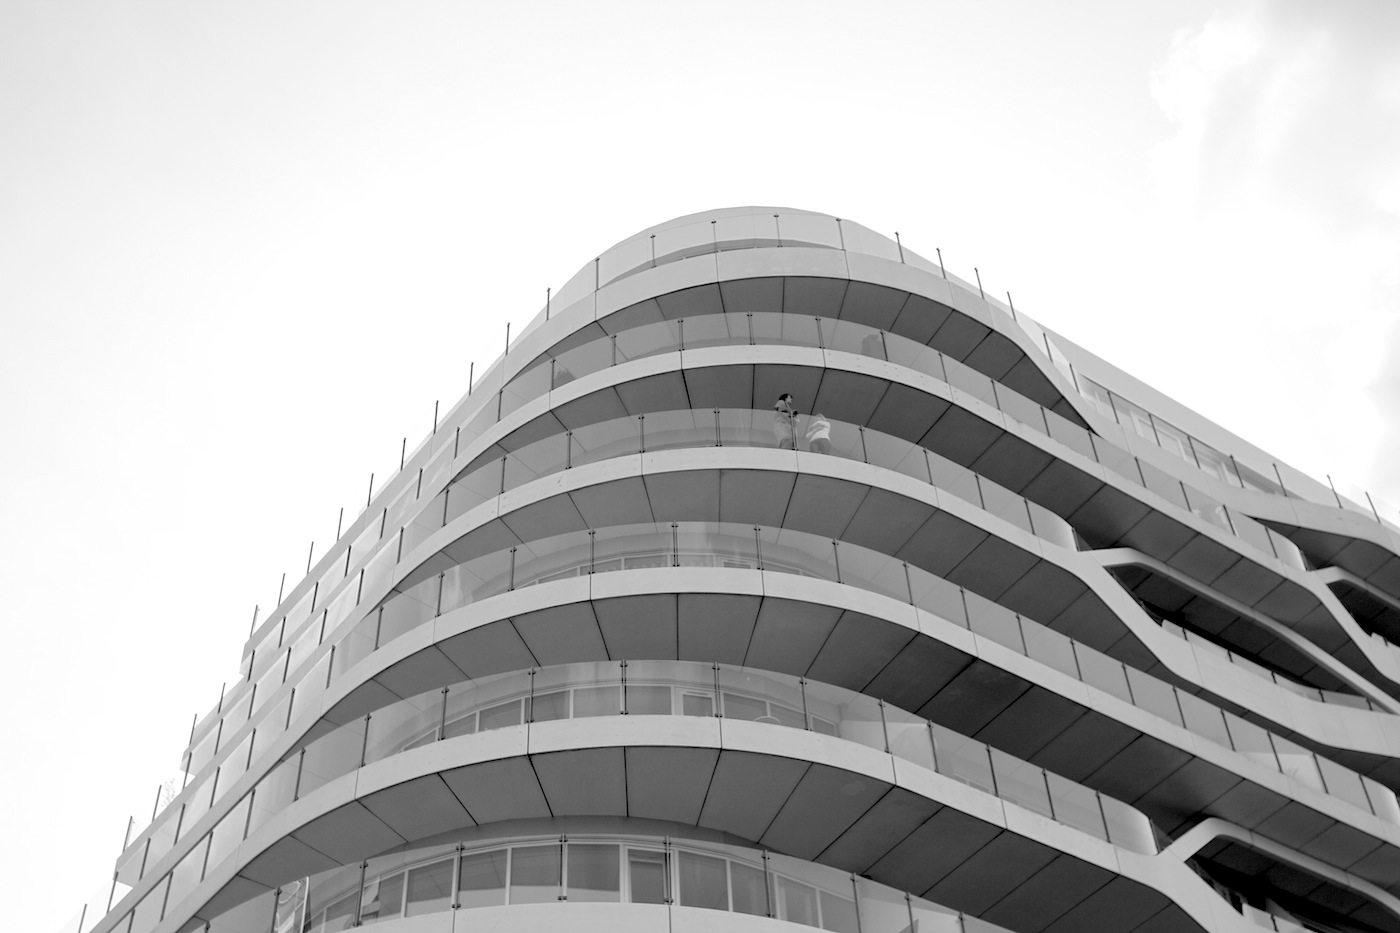 Lighthouse.  Die geschwungene Form der Loggienfassade soll, so die Planer, das nahe Wasser reflektieren und ihre Wellenbewegung aufnehmen.